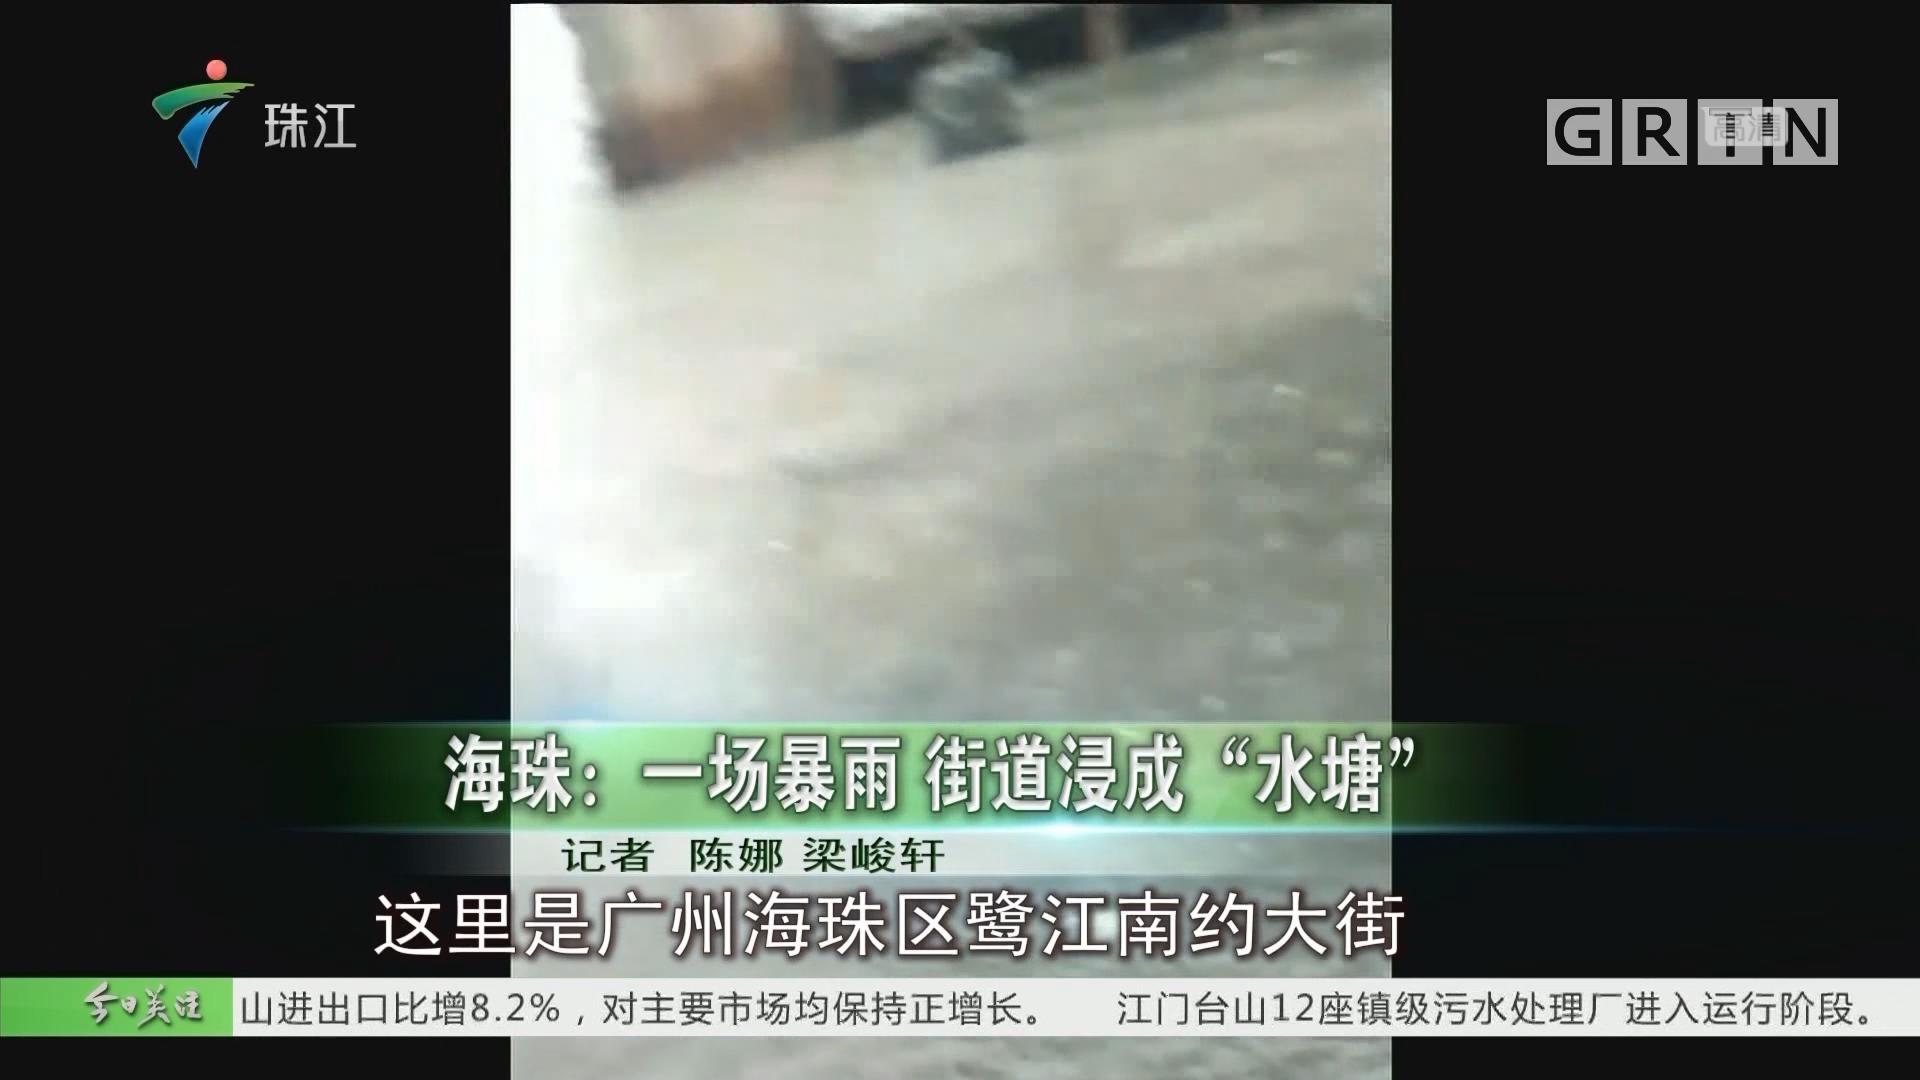 """海珠:一场暴雨 街道浸成""""水塘"""""""